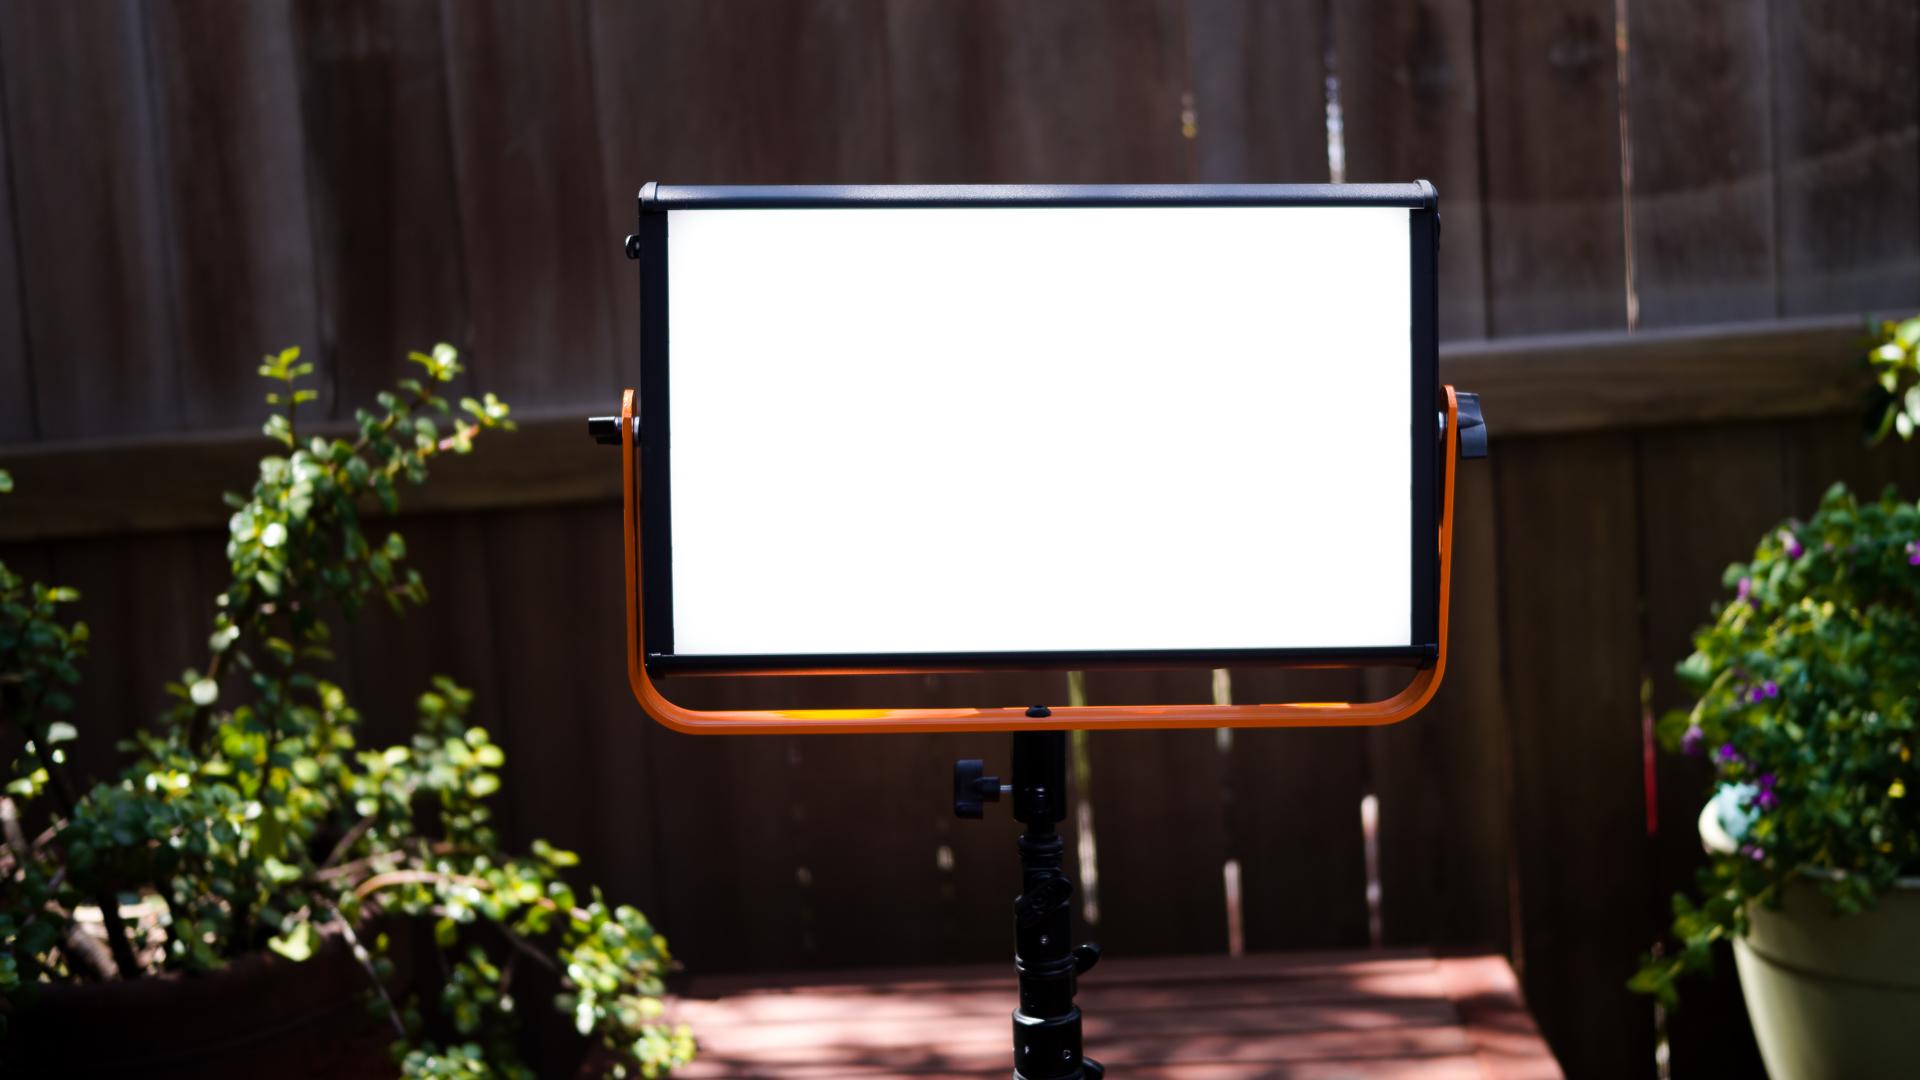 Reseña del Panel LED DLS-2 60W y la batería D-155MA de Dynacore